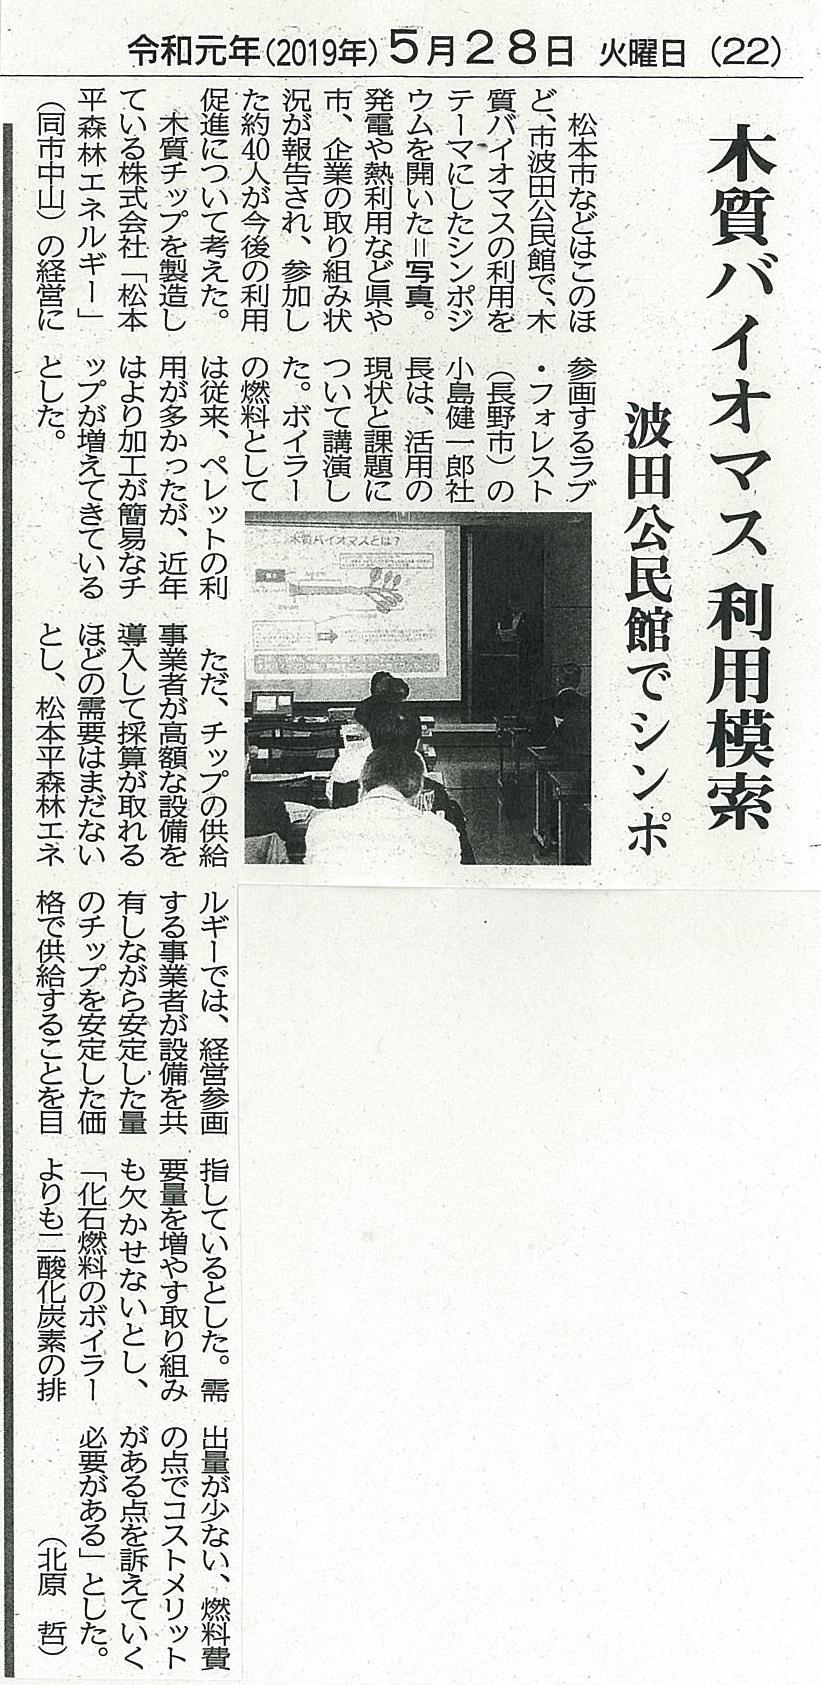 5.28市民タイムス記事 - コピー